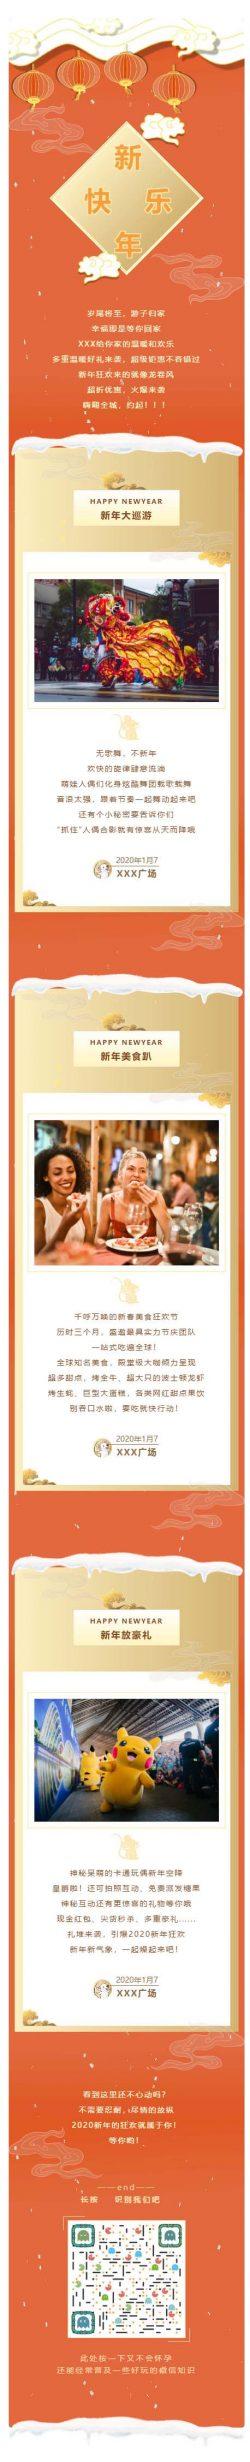 新年微信模板动态背景春节活动微信公众号推送图文素材推文模板